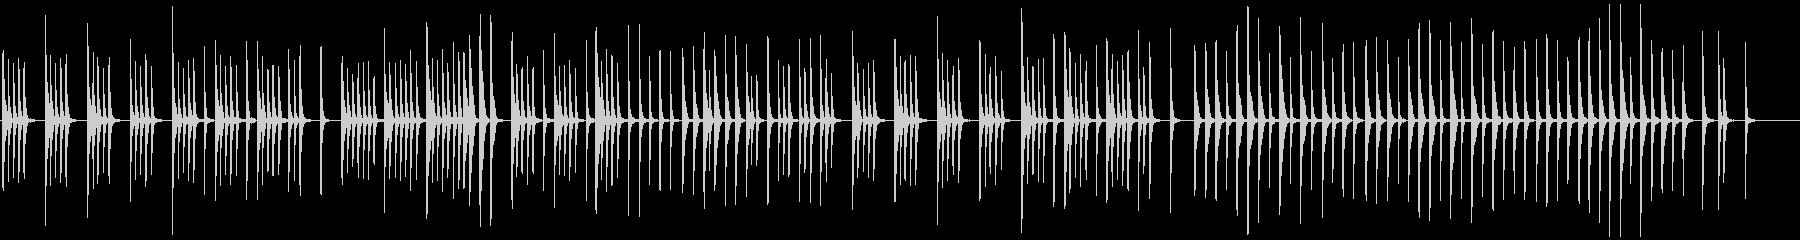 眠りや安心、癒し映像にほのぼのとした木琴の未再生の波形